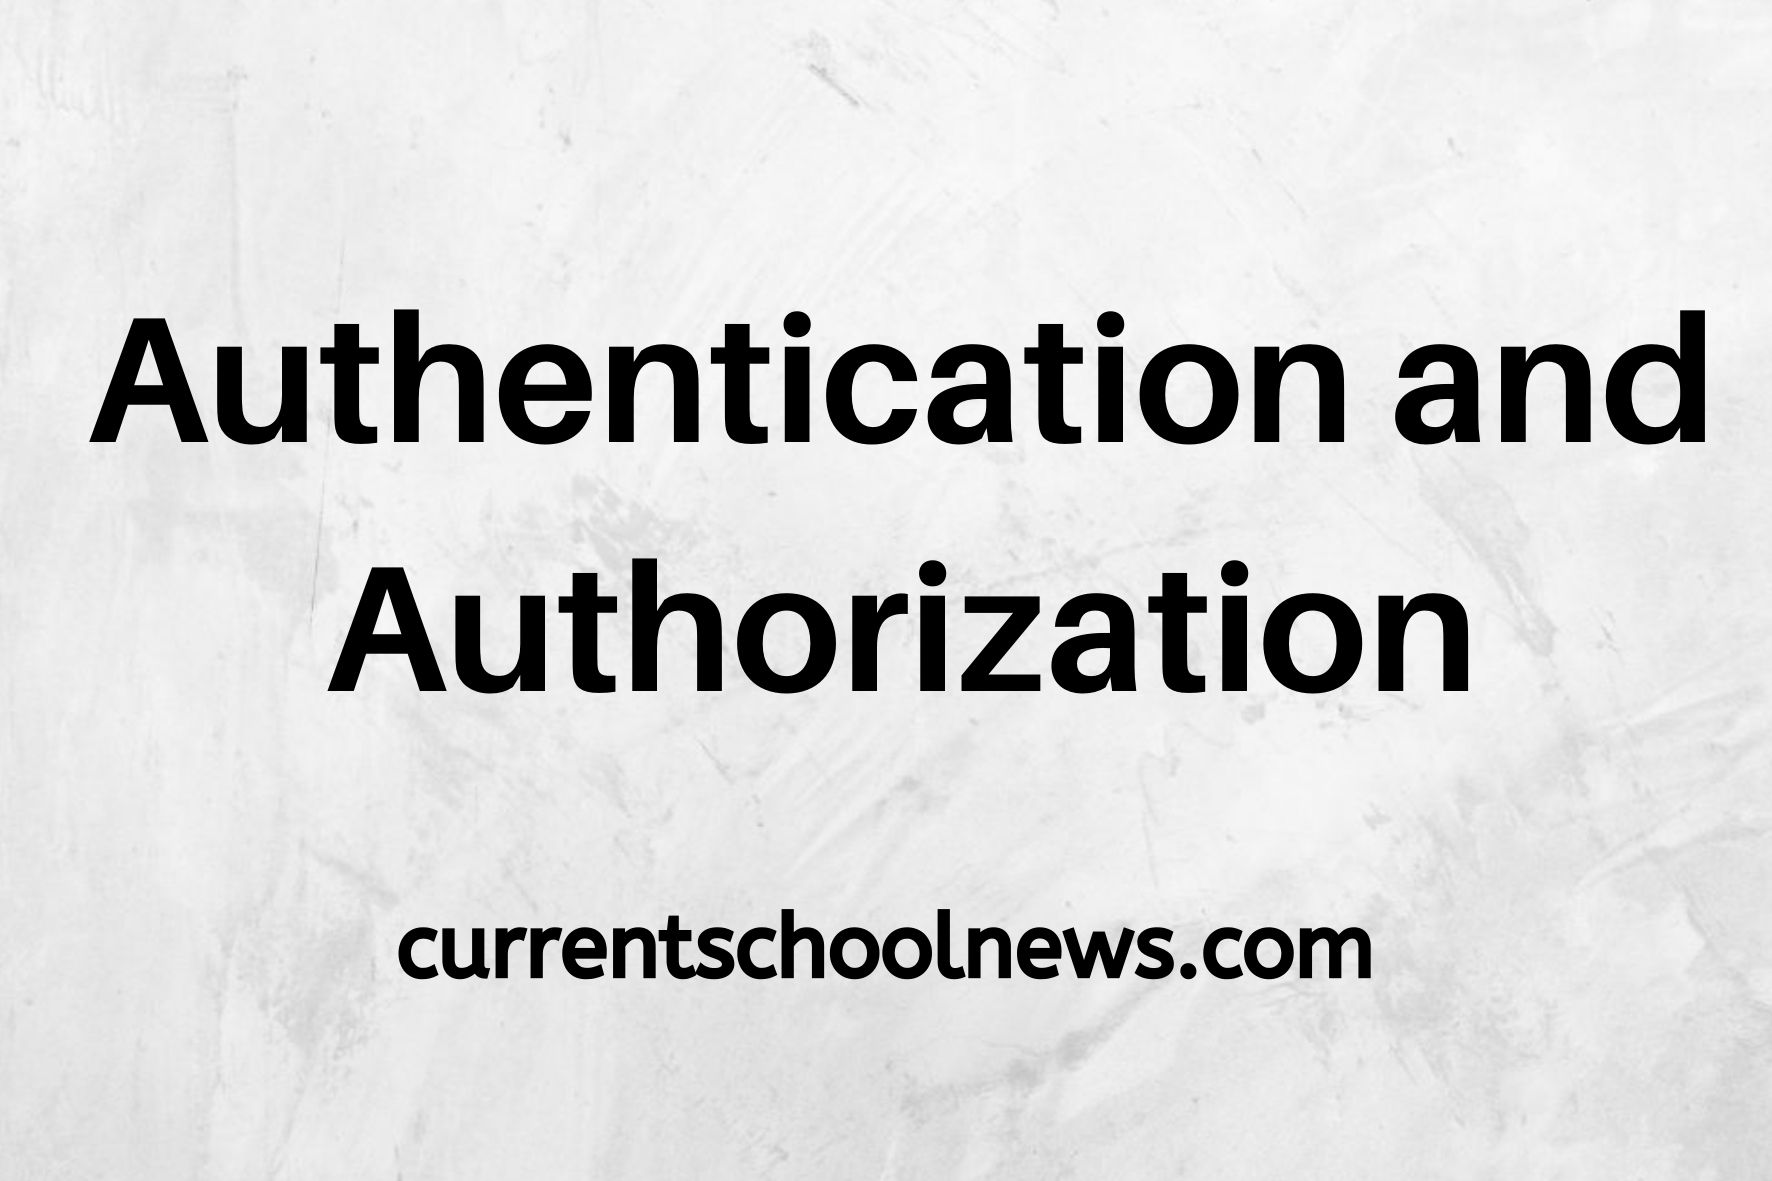 10 grote verschillen tussen authenticatie en autorisatie